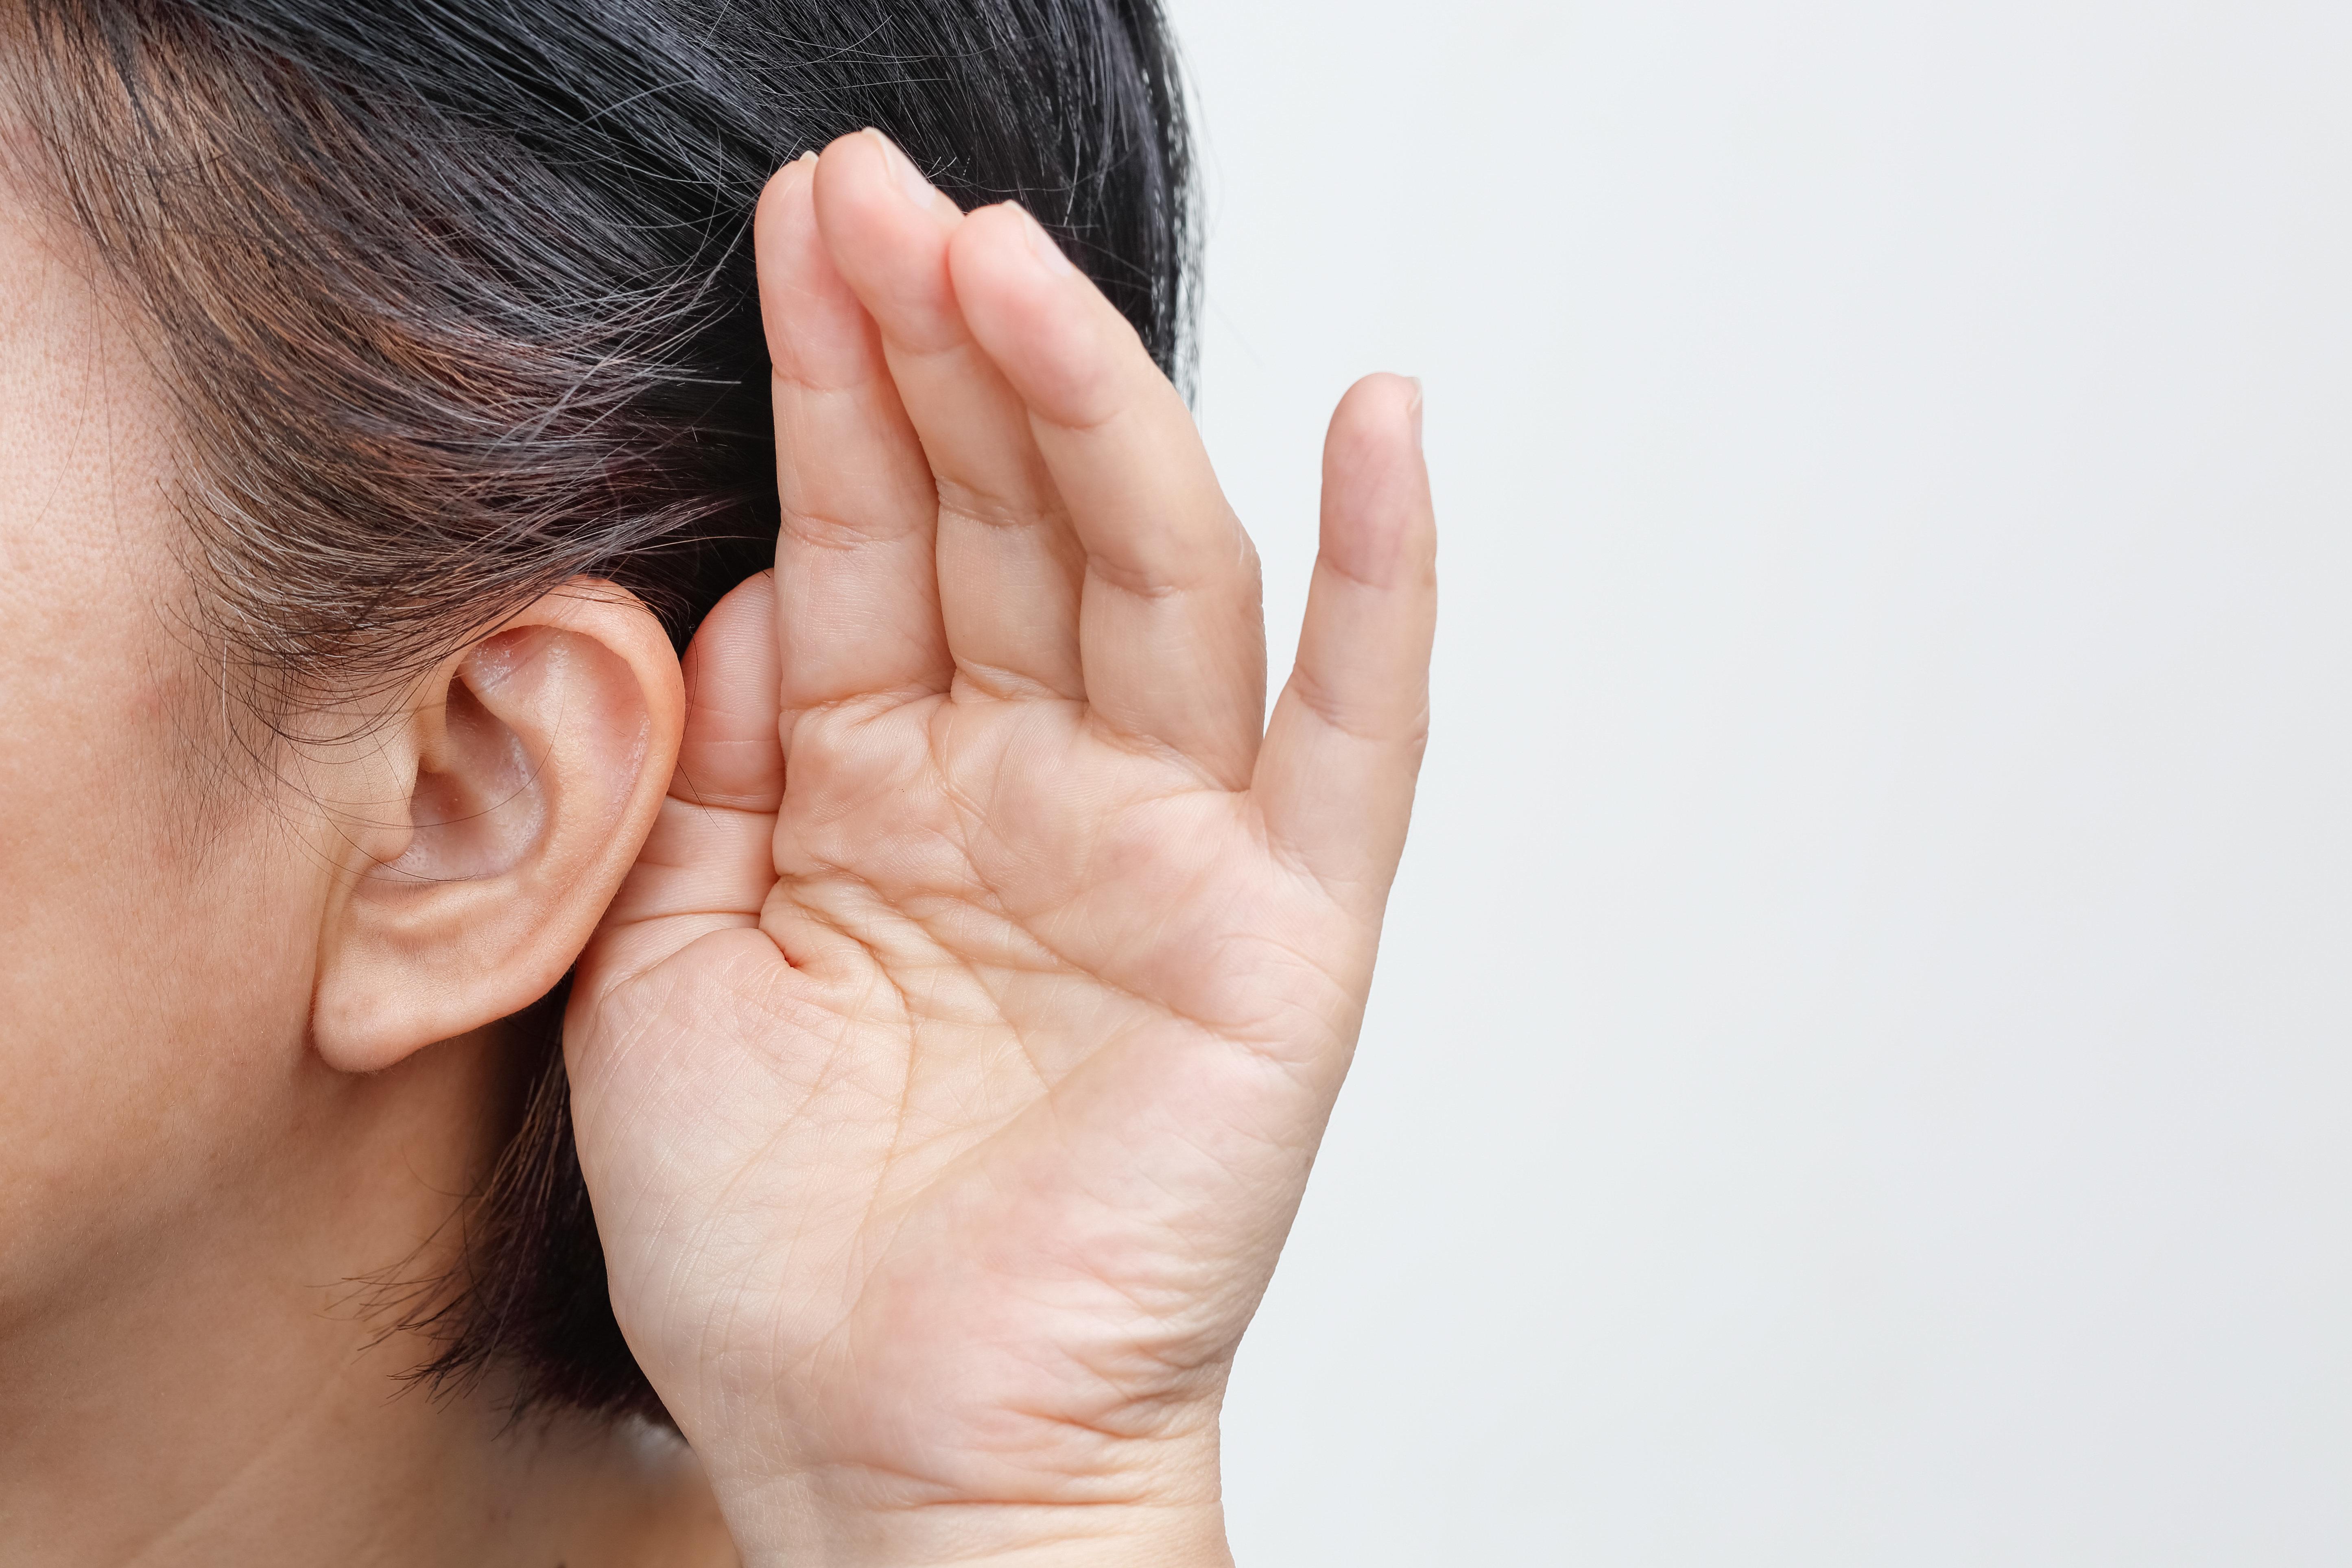 Une maladie rare empêche cette femme d'entendre les